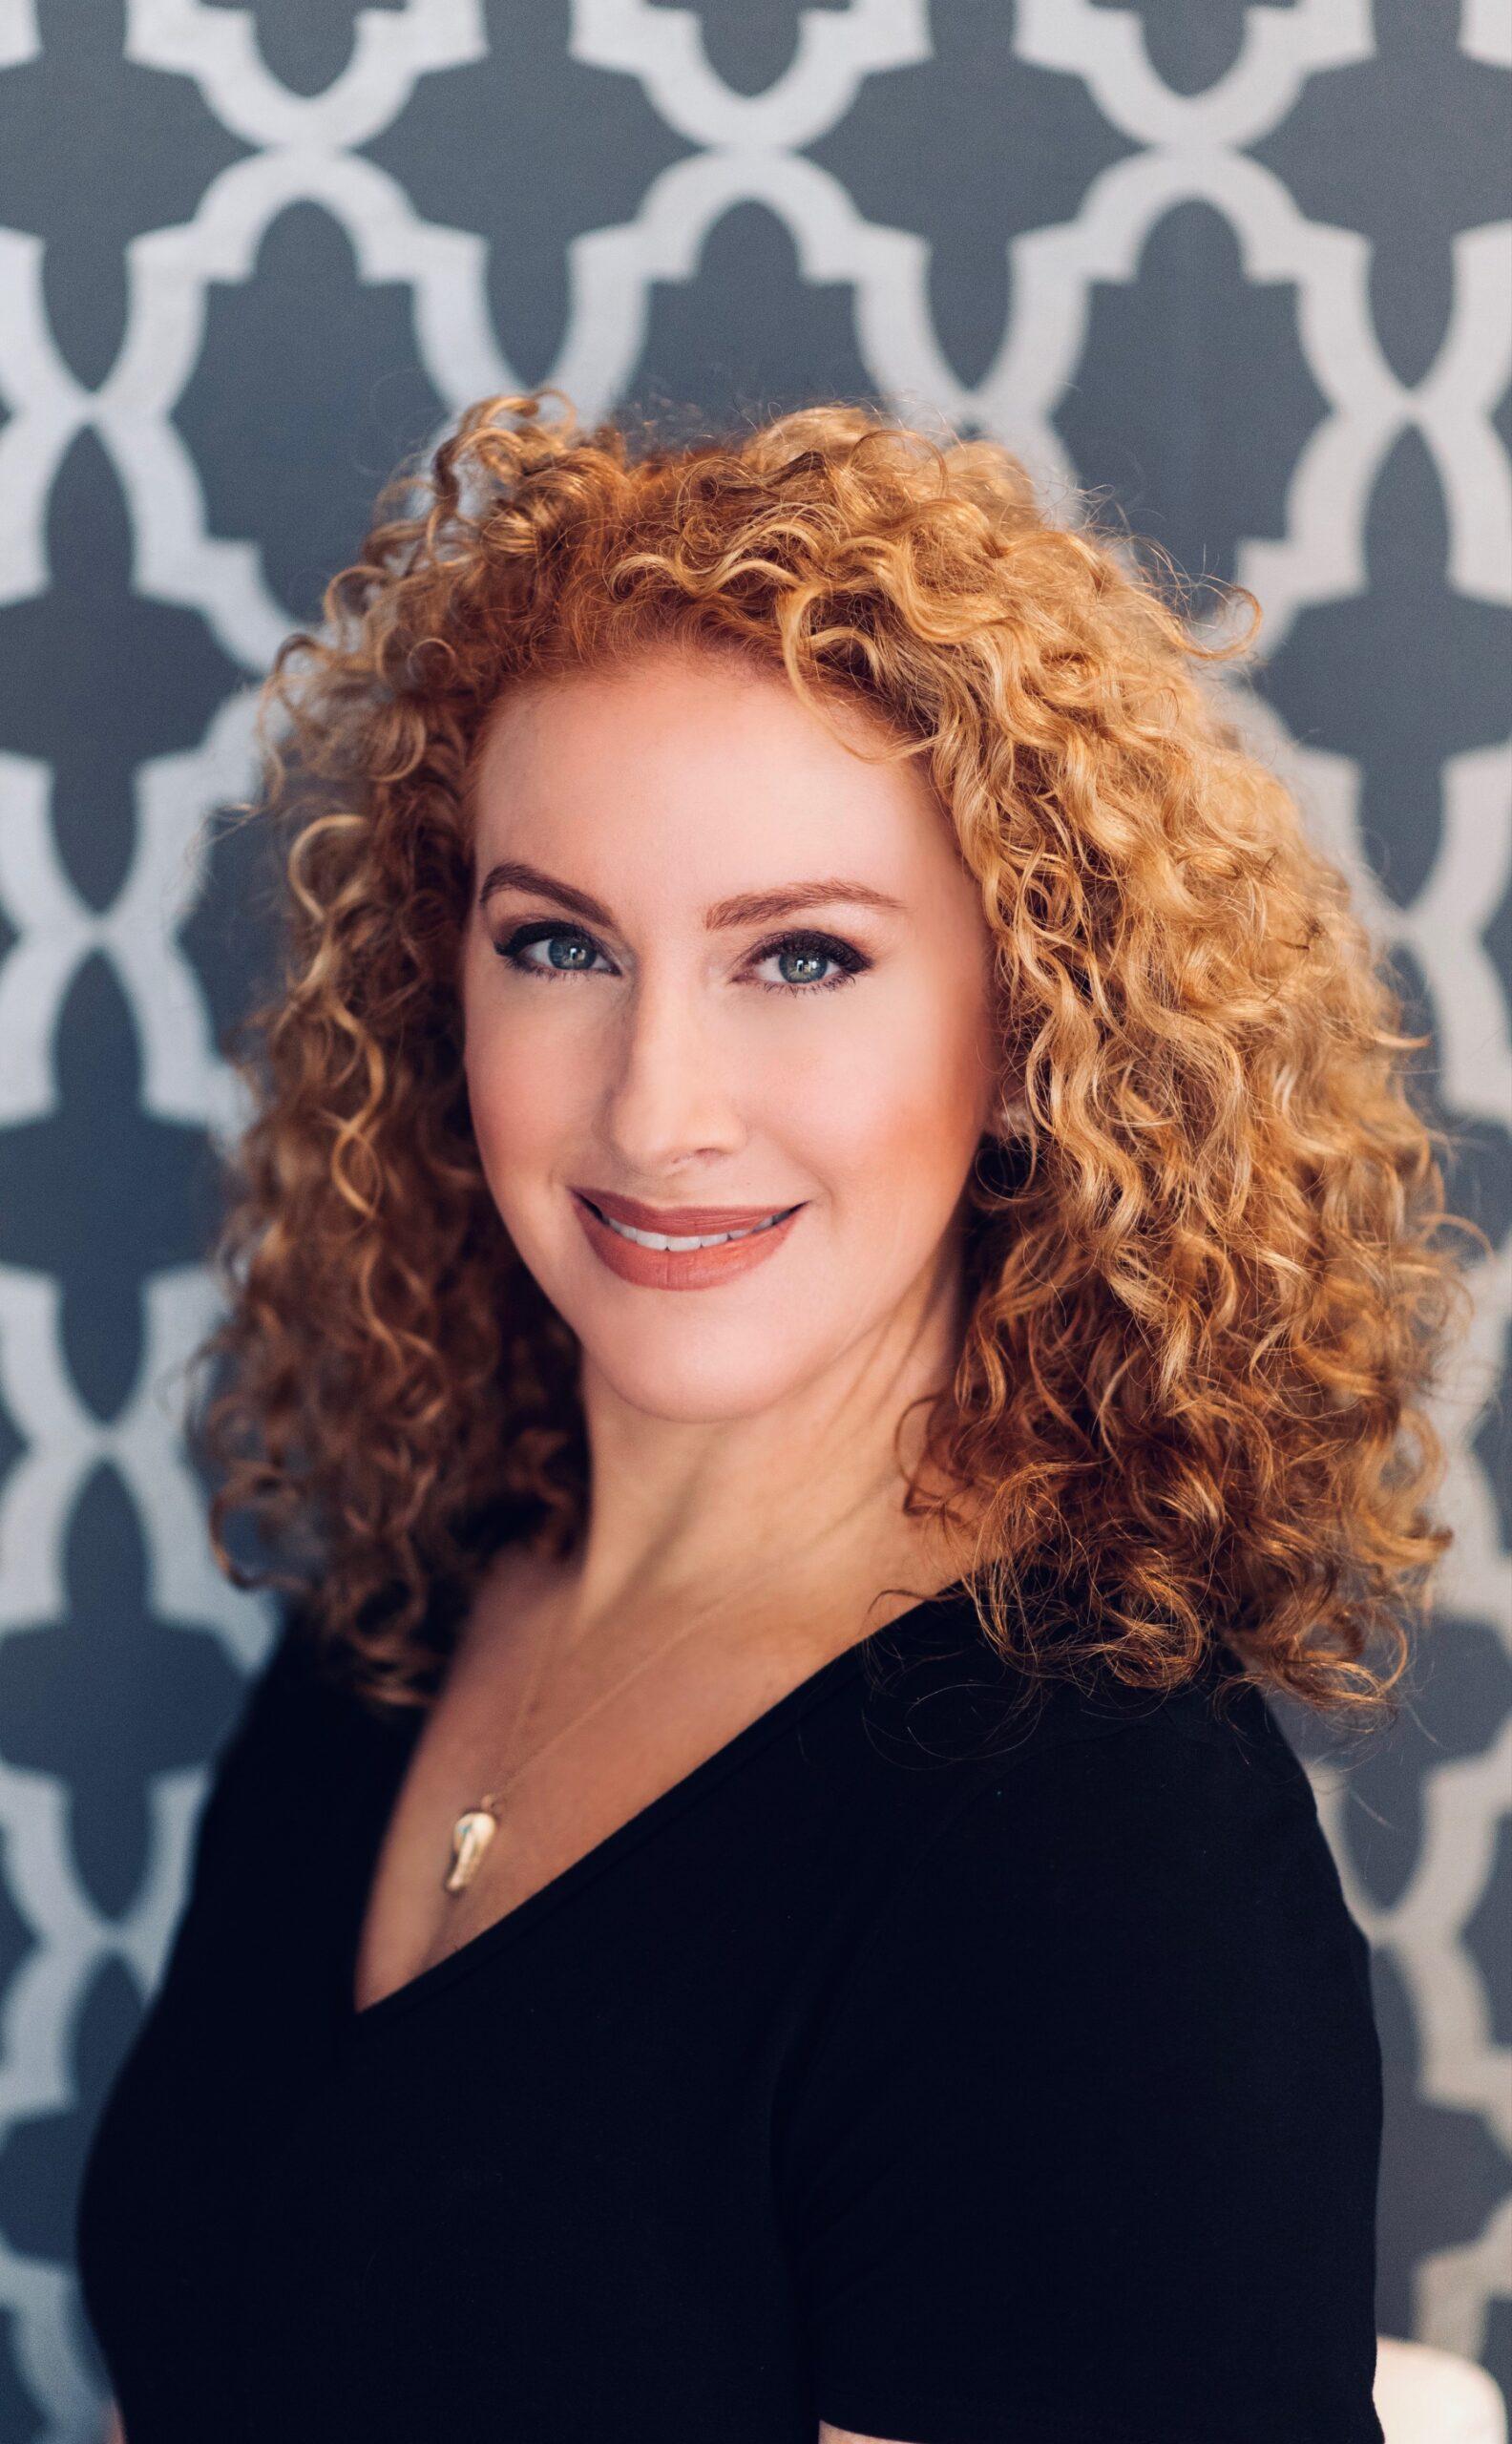 Leah Prados Istre